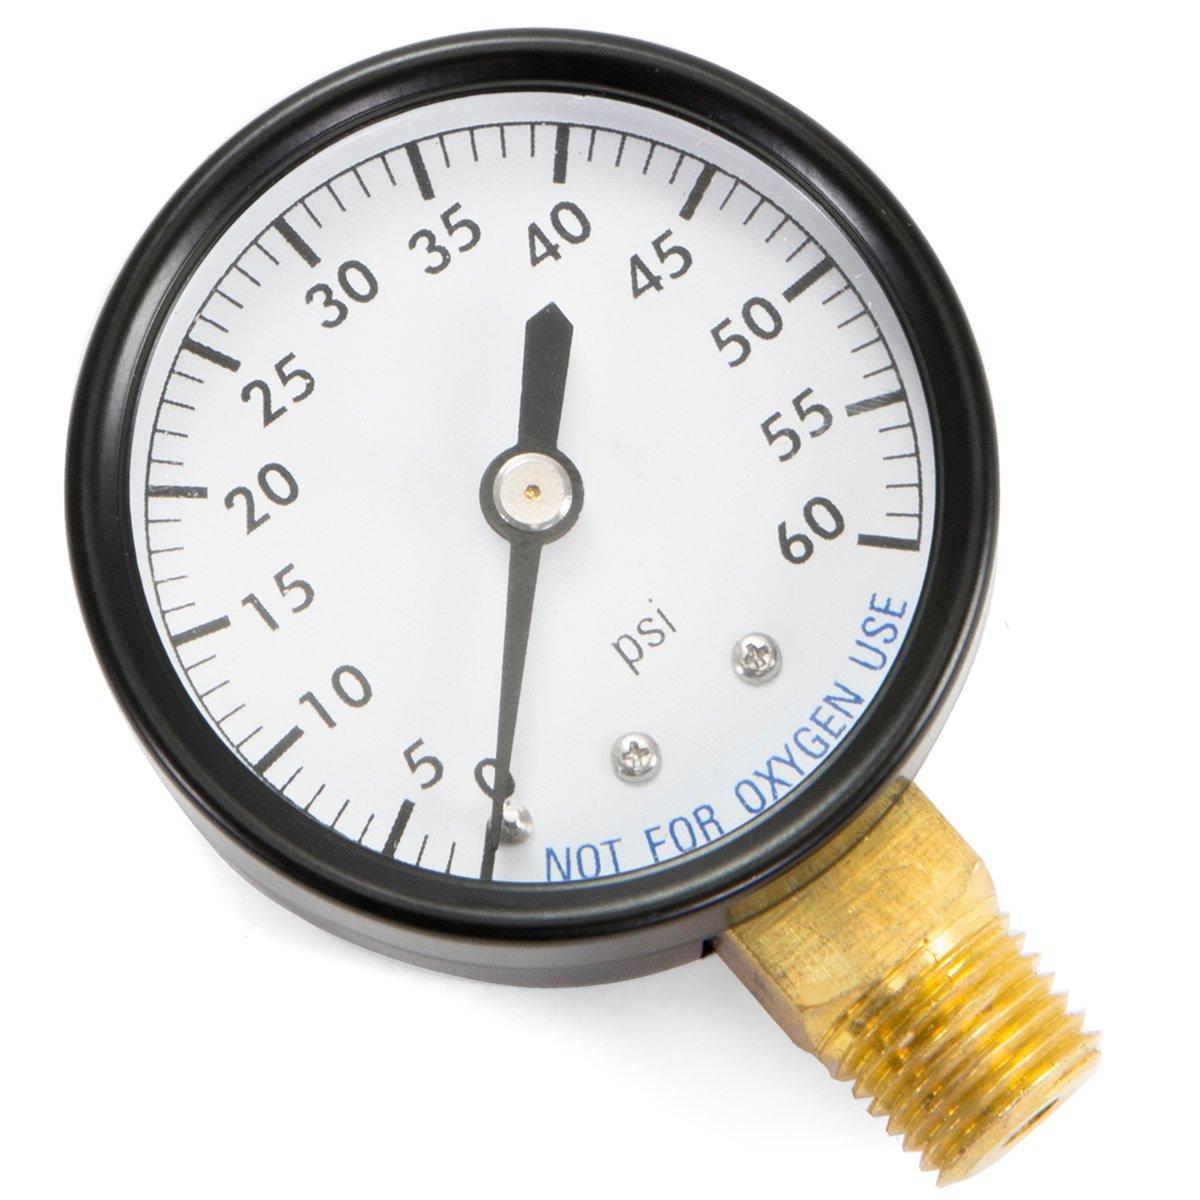 XtremepowerUS Water Pressure Gauge Bottom Thread 2 DIAL 1 4NPT